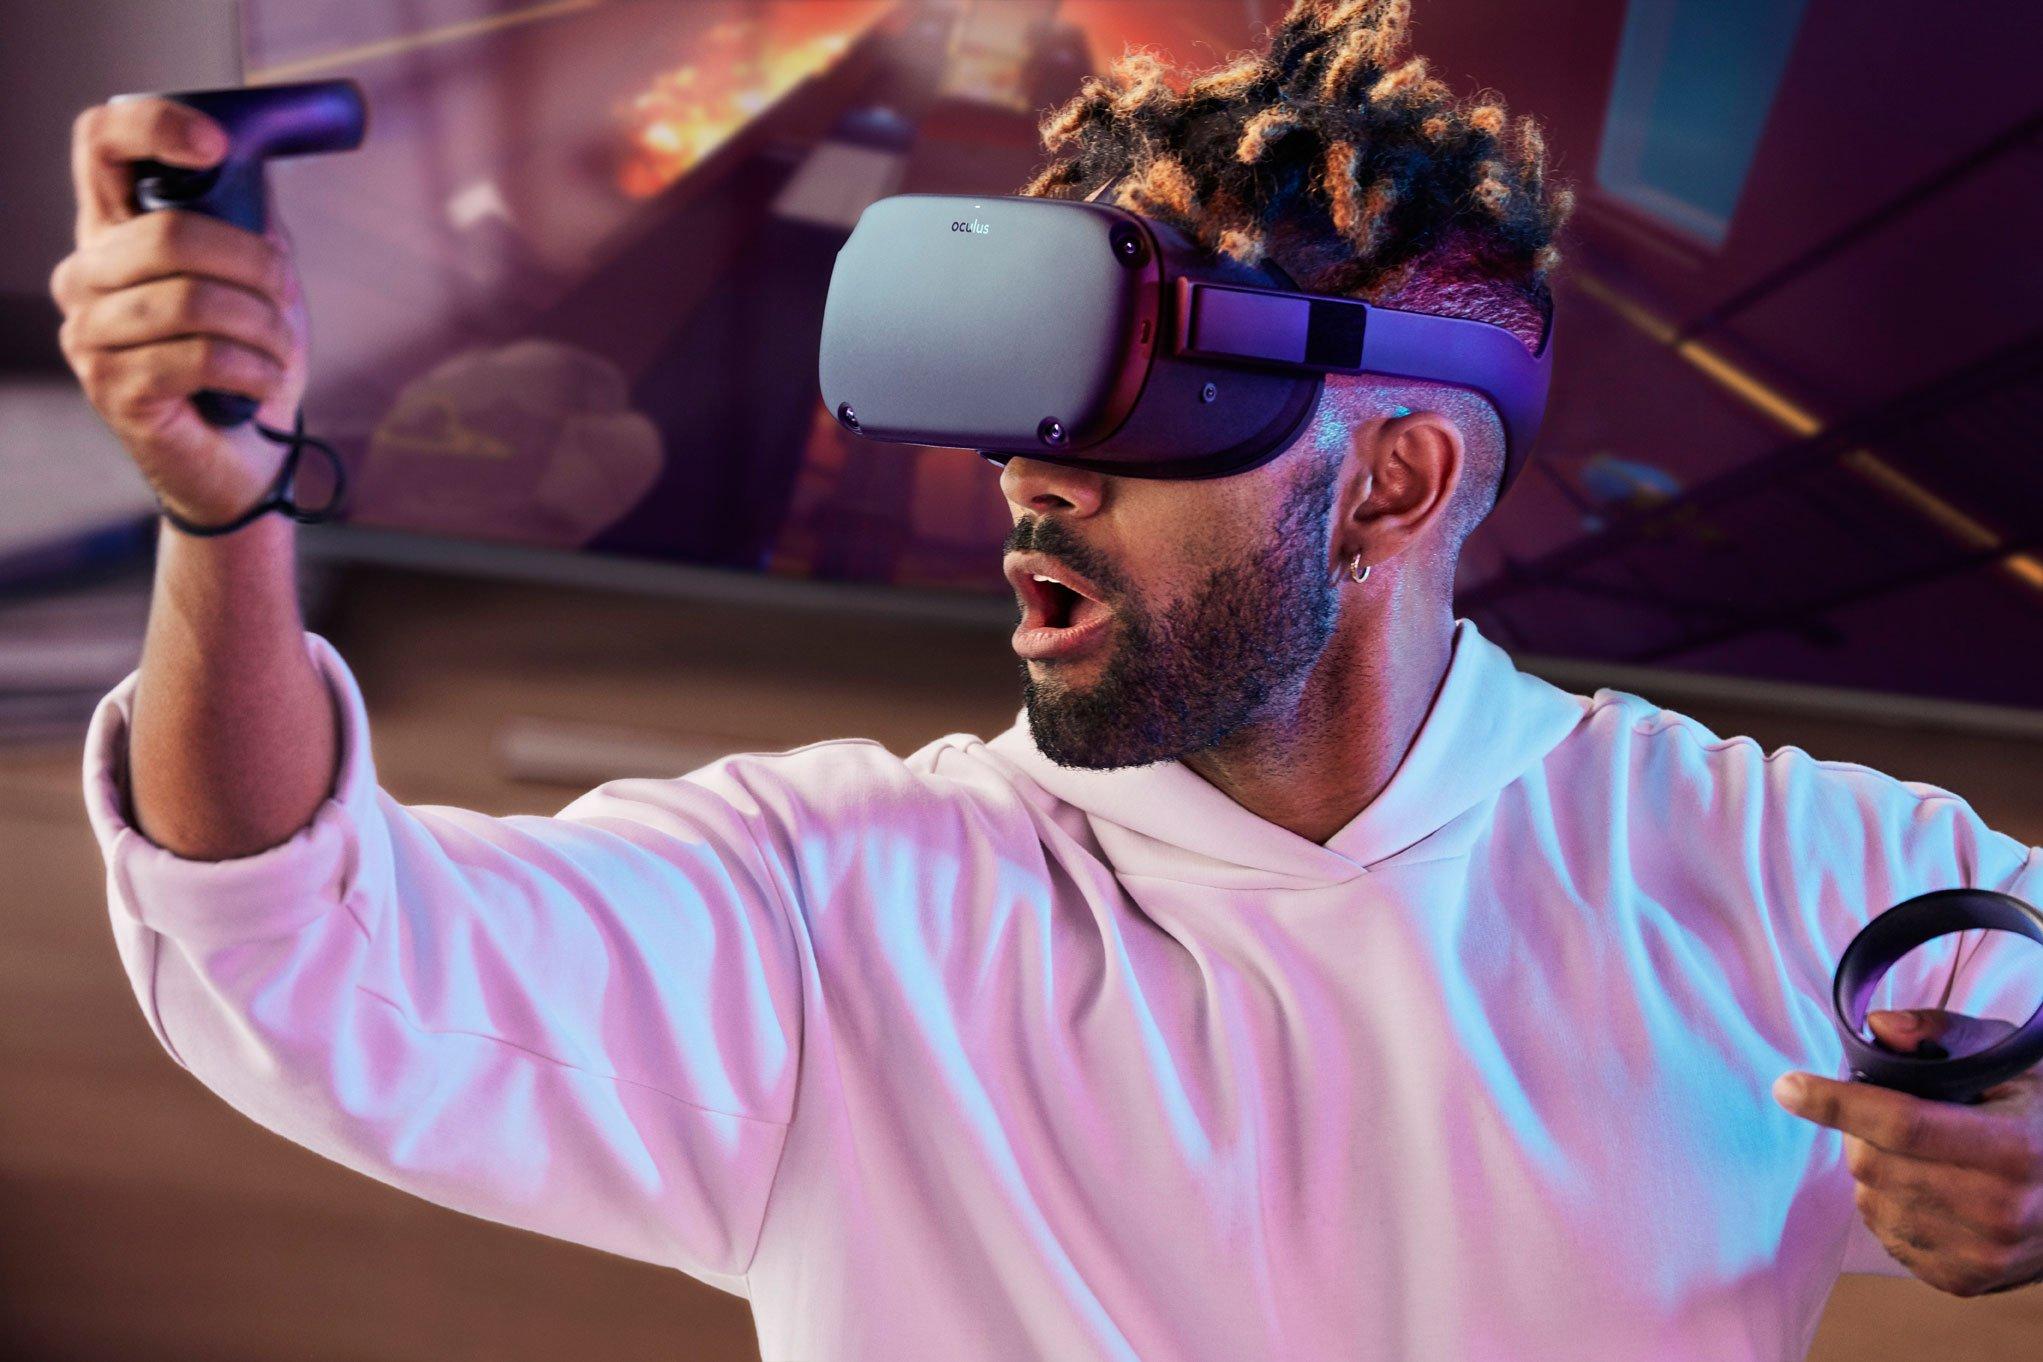 Oculus Quest est un système VR tout-en-un, lancé au printemps prochain.